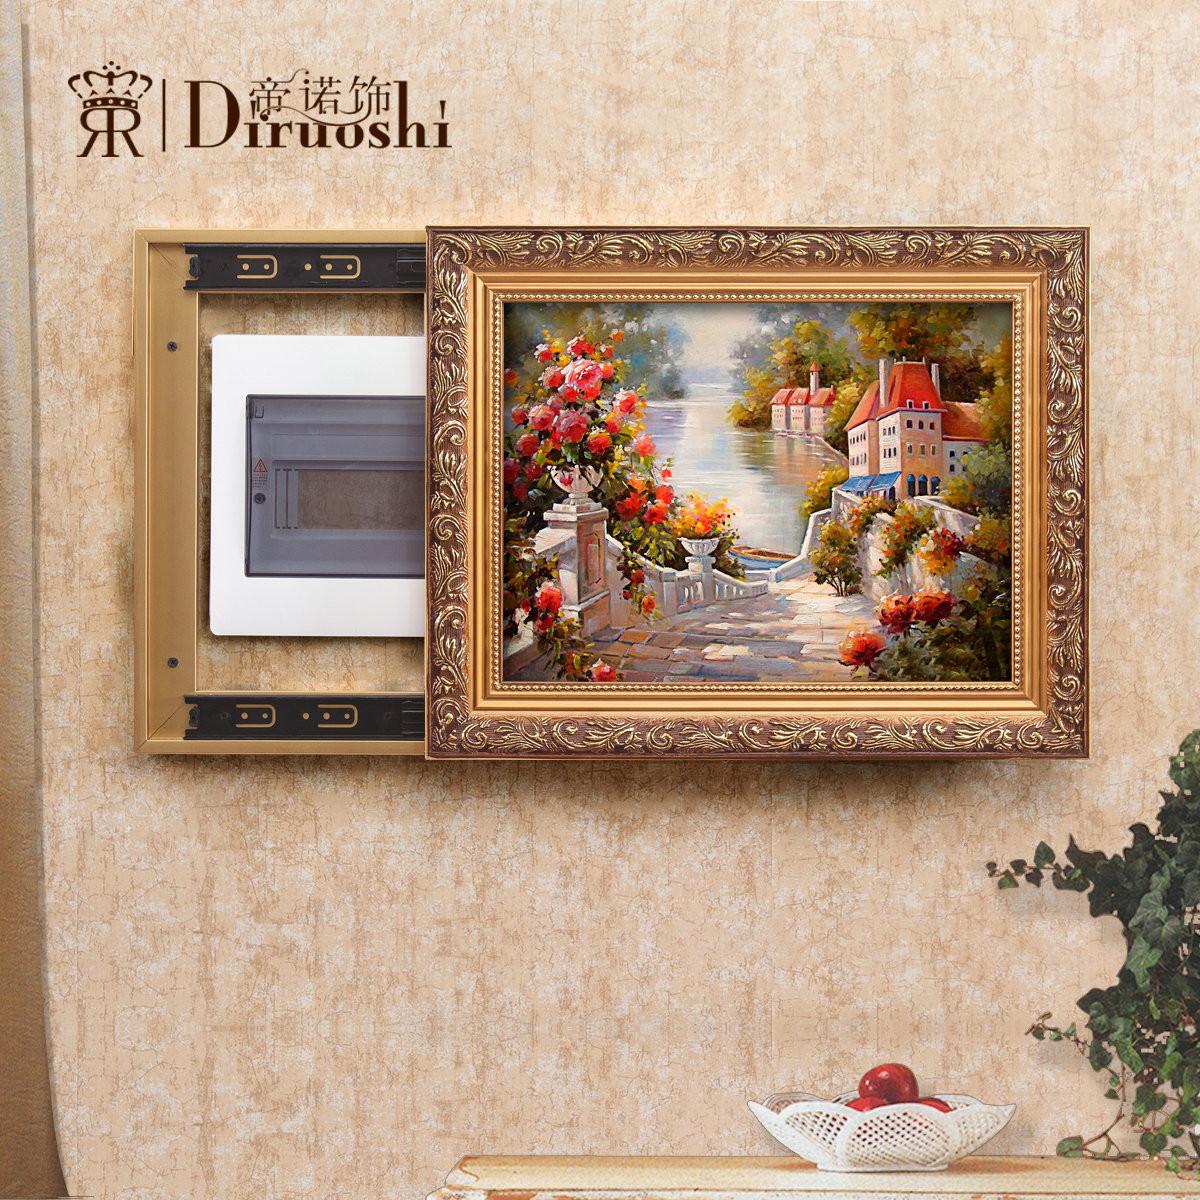 帝诺饰立体有框边框可以任选,需备注风景喷绘装饰画